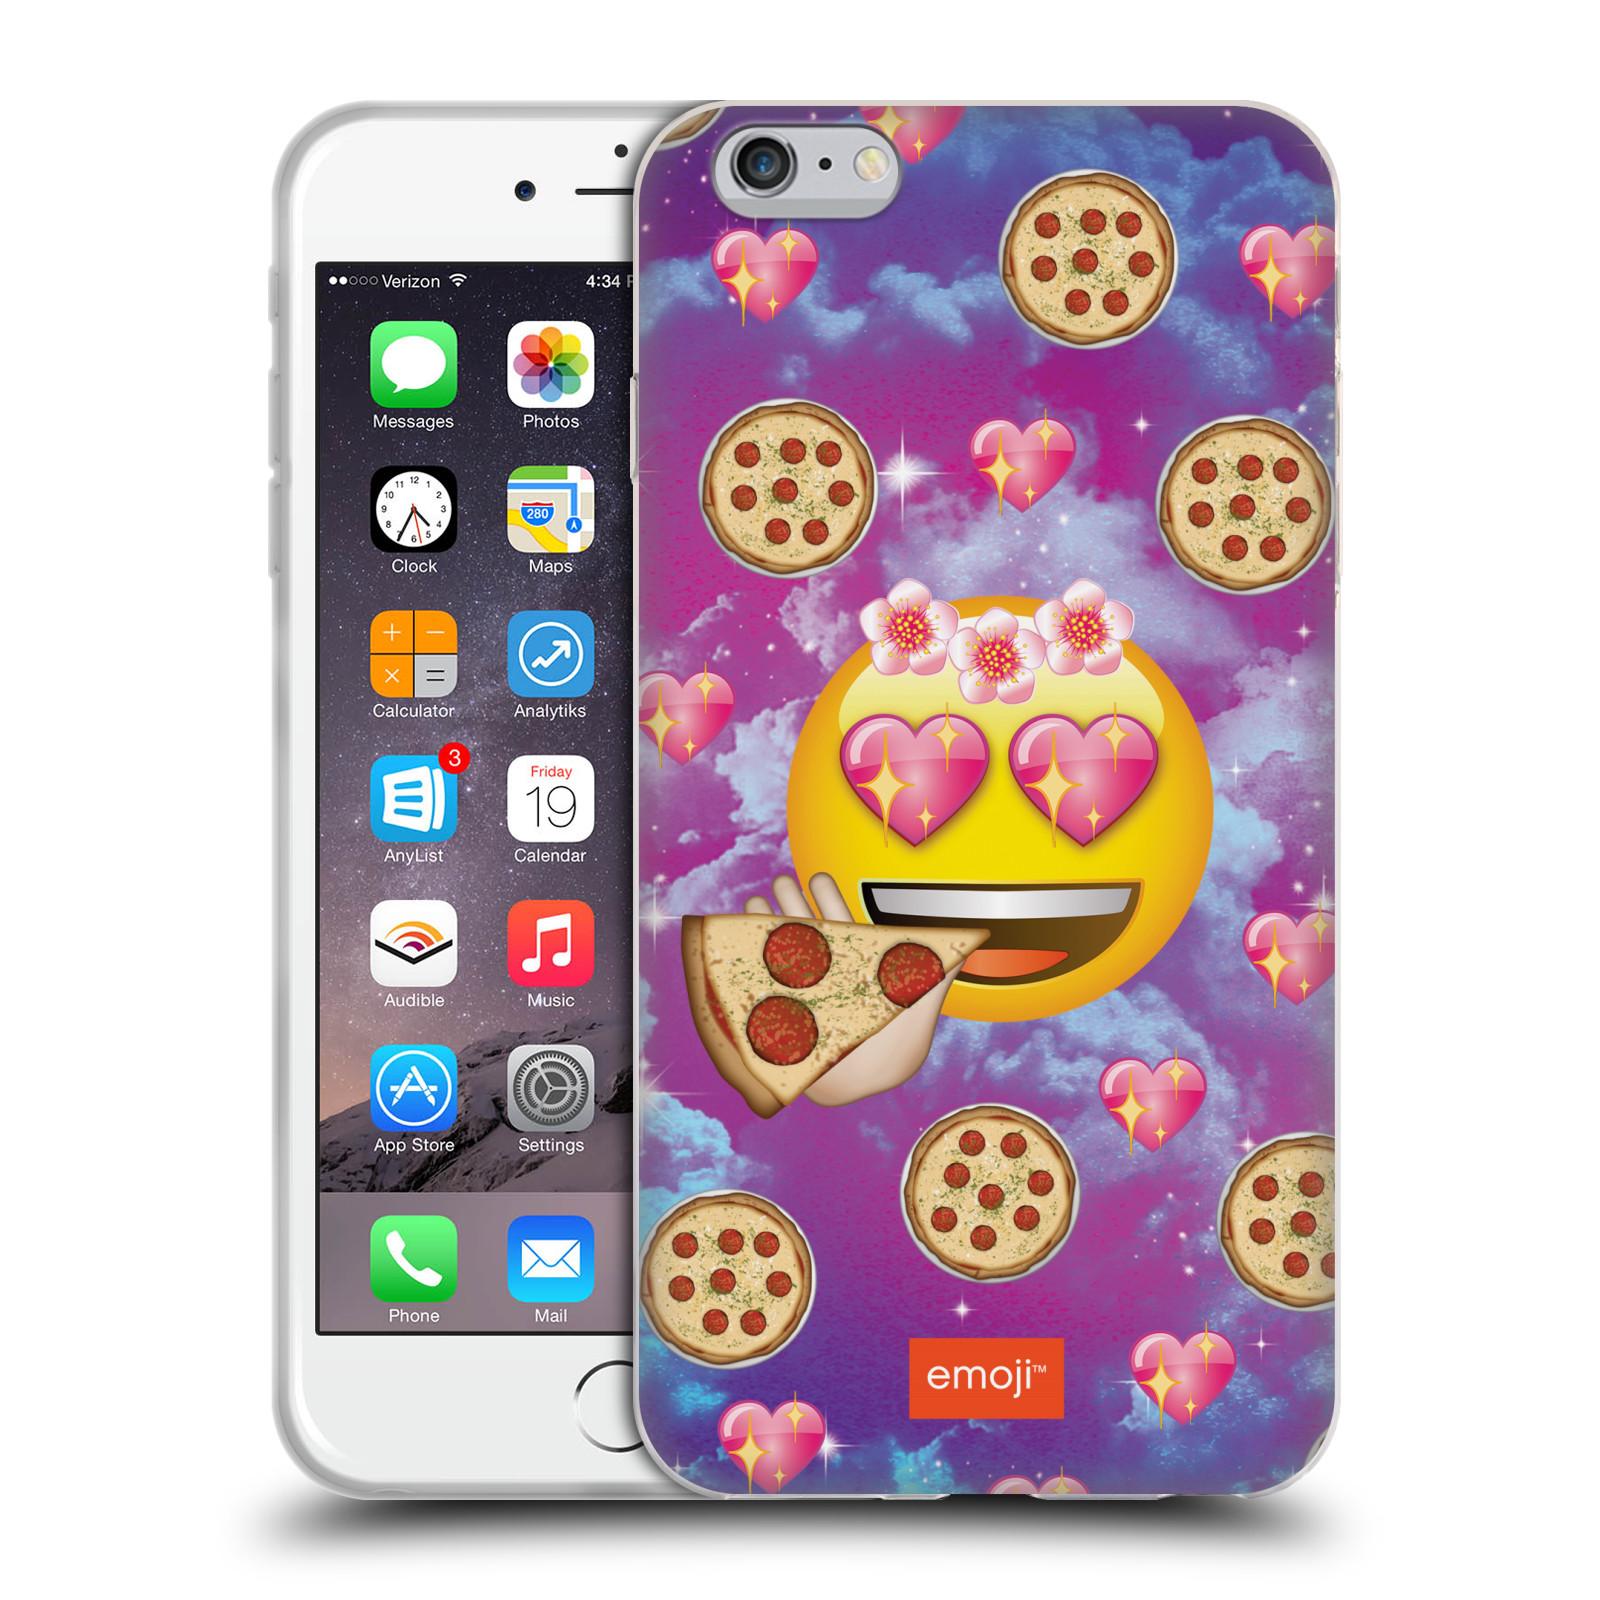 HEAD CASE silikonový obal na mobil Apple Iphone 6 6S PLUS smajlík oficiální  kryt EMOJI velký smajlík milovník pizzy a093949bbb5